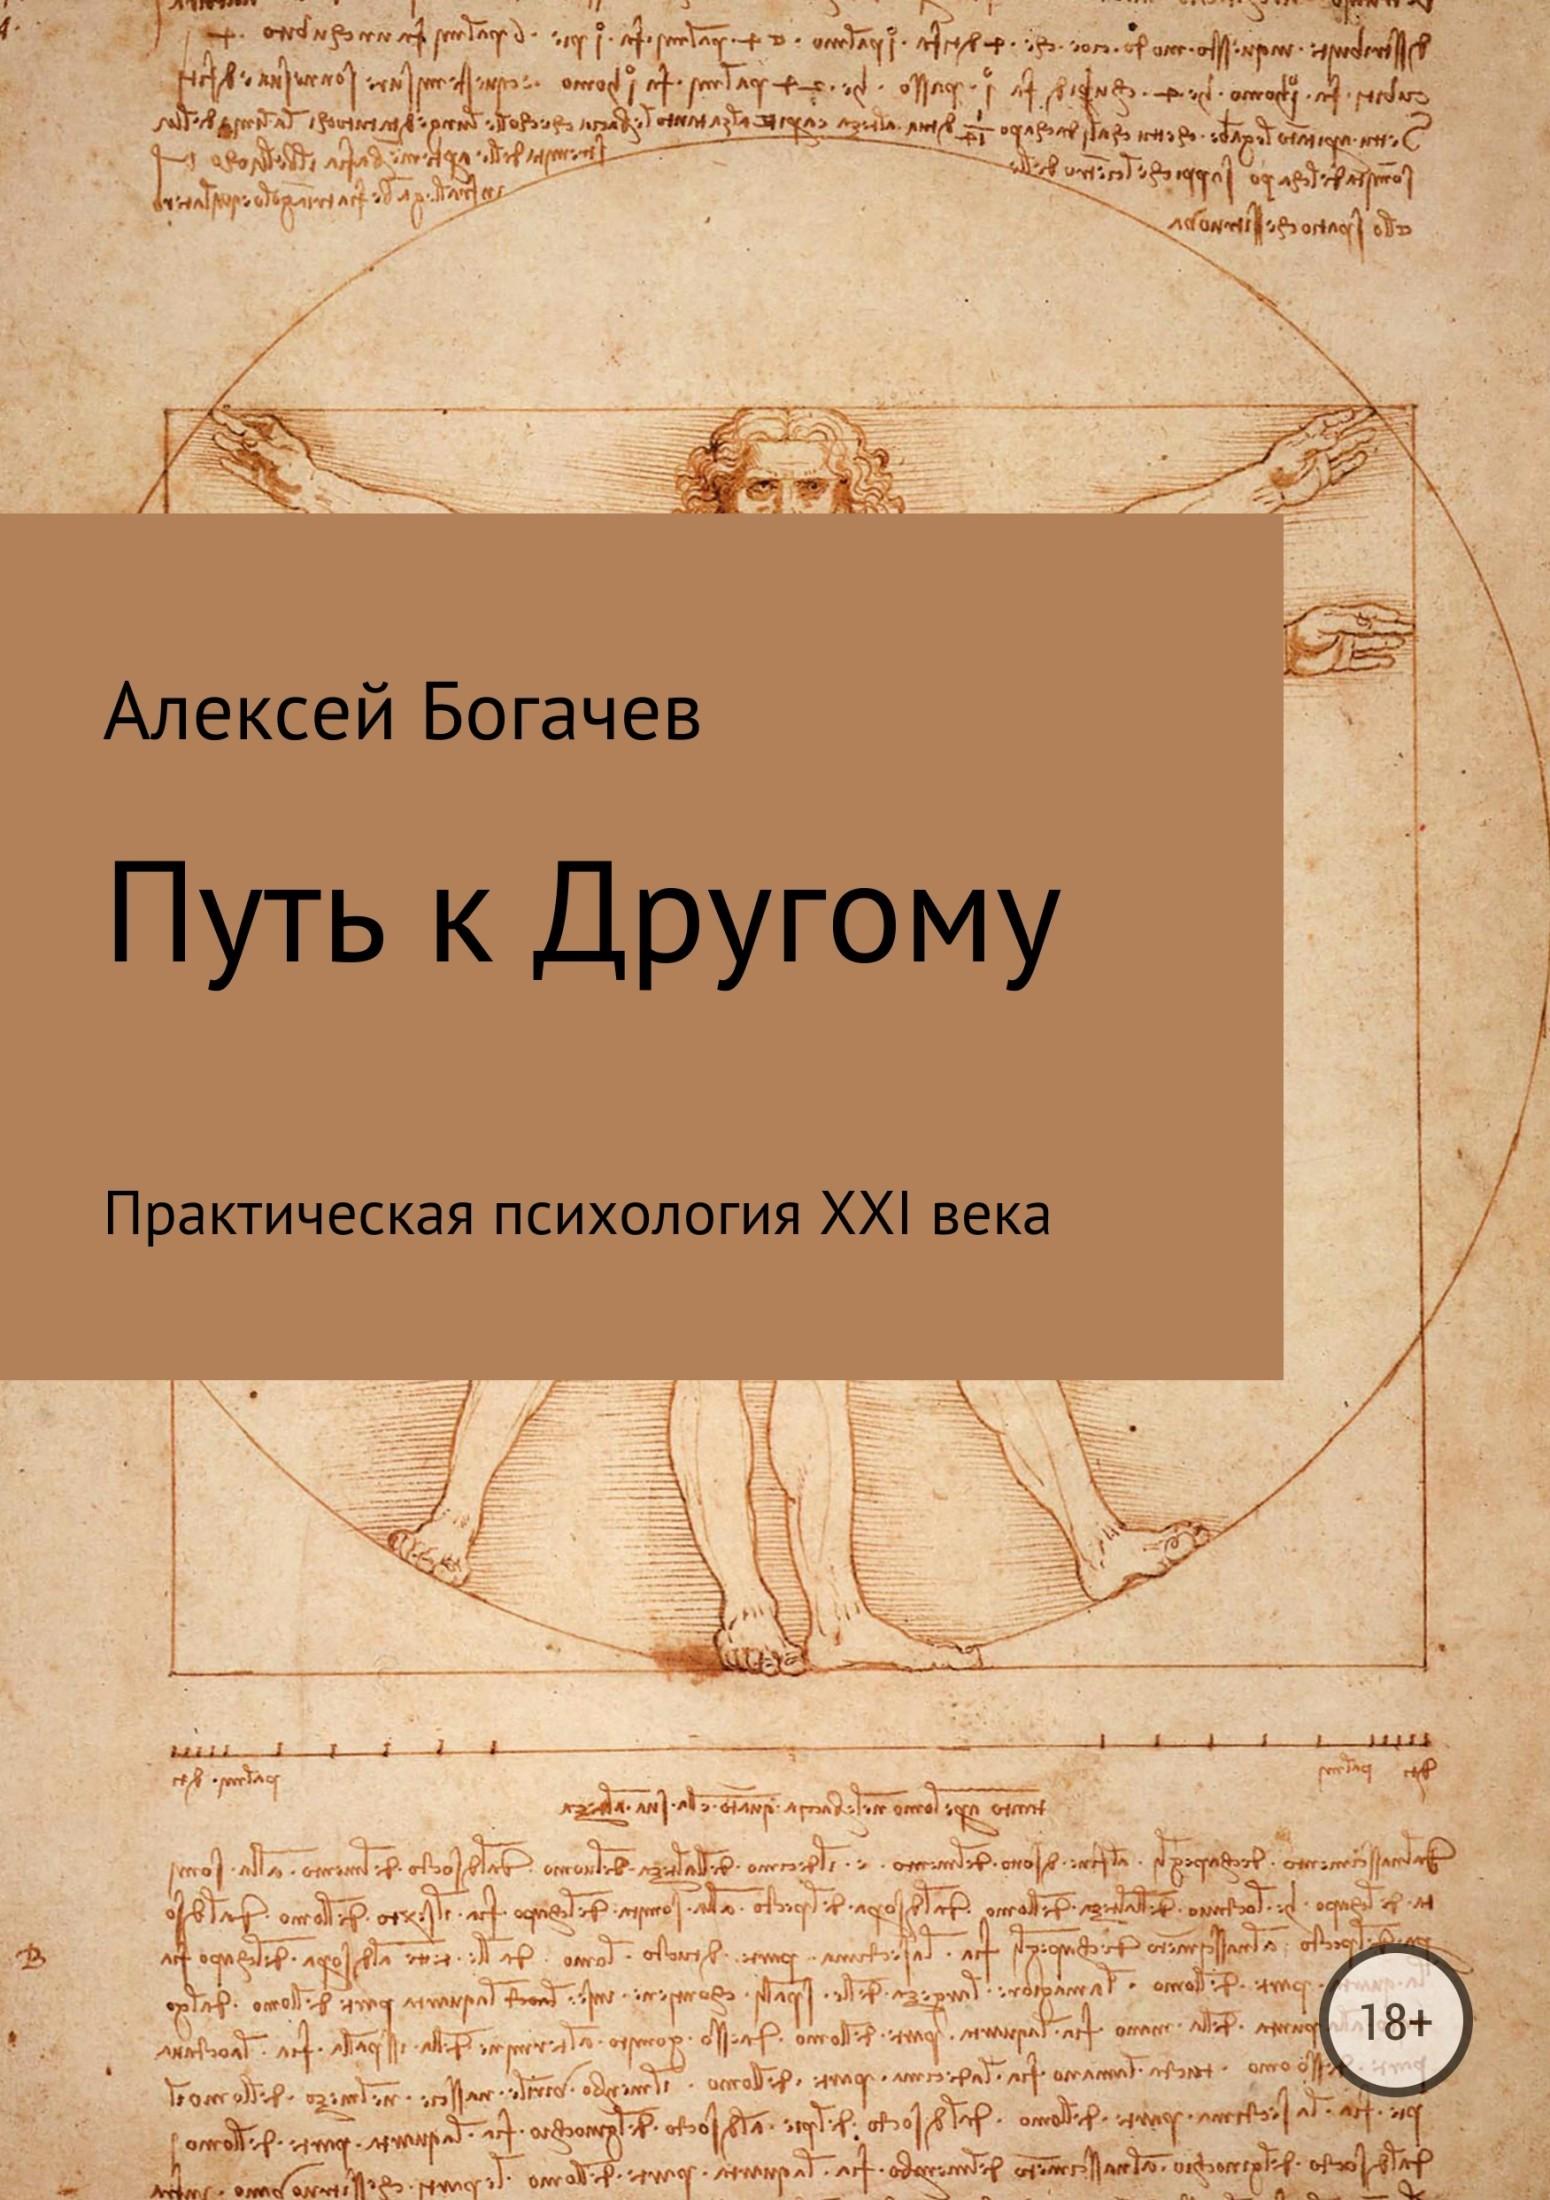 Книга притягивает взоры 36/94/41/36944144.bin.dir/36944144.cover.jpg обложка